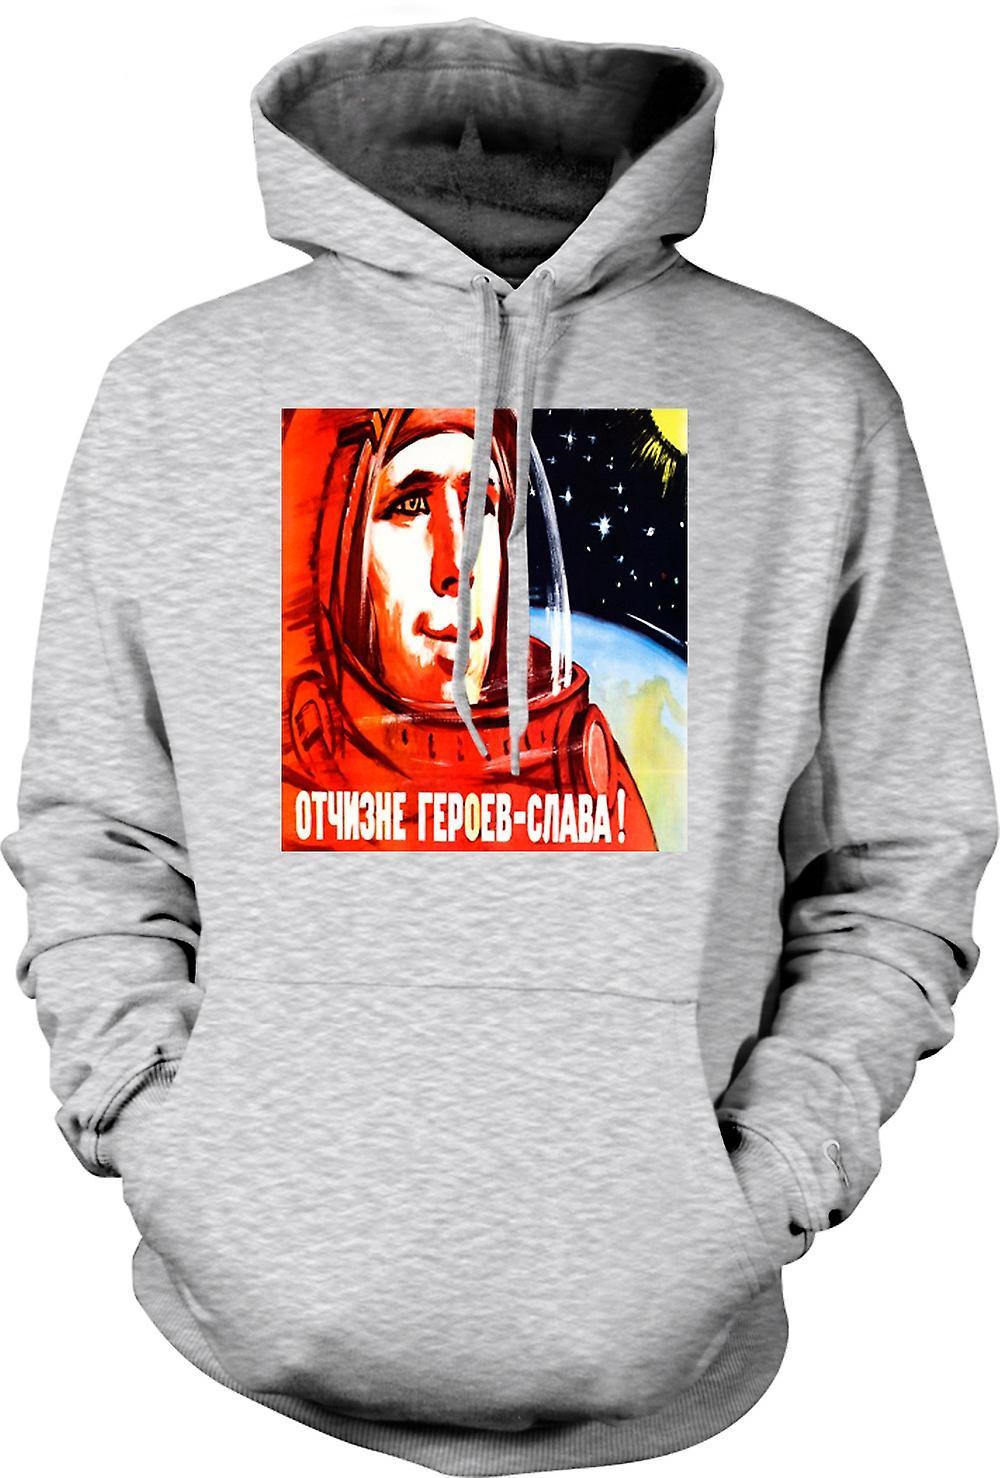 Mens Hoodie - Yuri Gagarin - Russian Cosmonaut